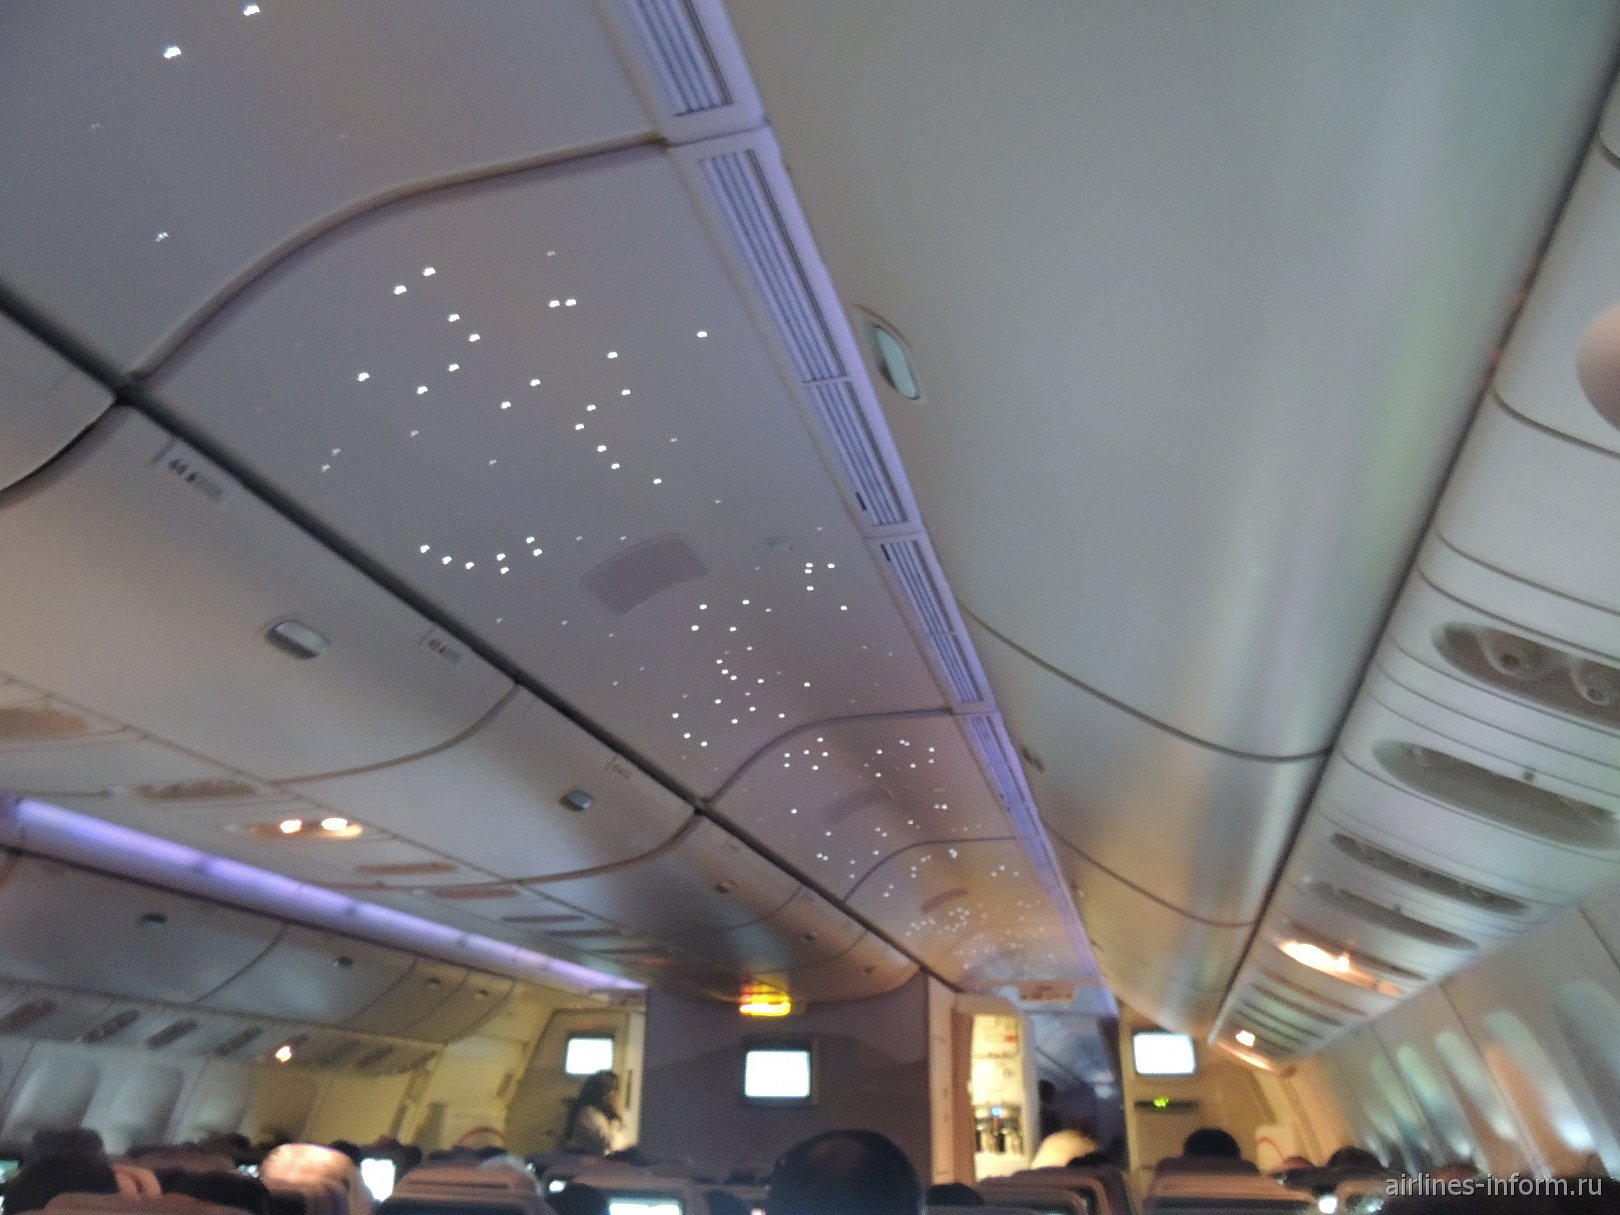 Подсветка в виде звездного неба в Боинге-777-300 авиакомпании Emirates